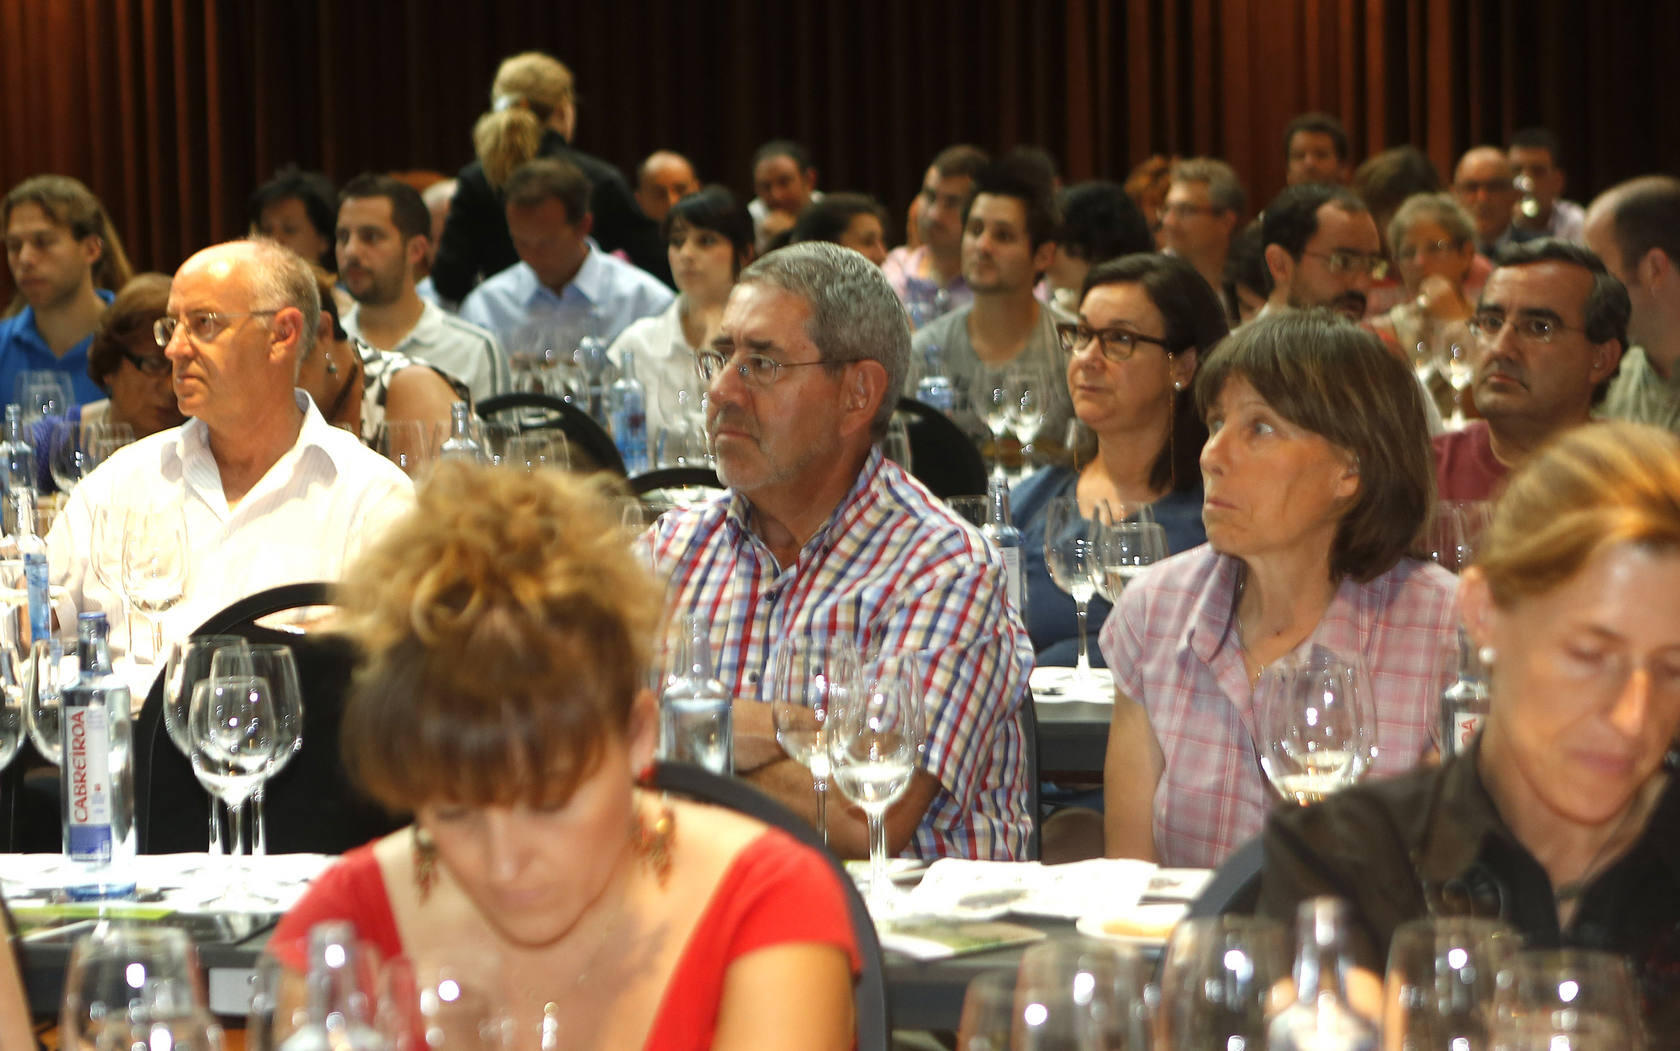 Cata de vinos de Javier Sanz en el hotel AC de Valladolid